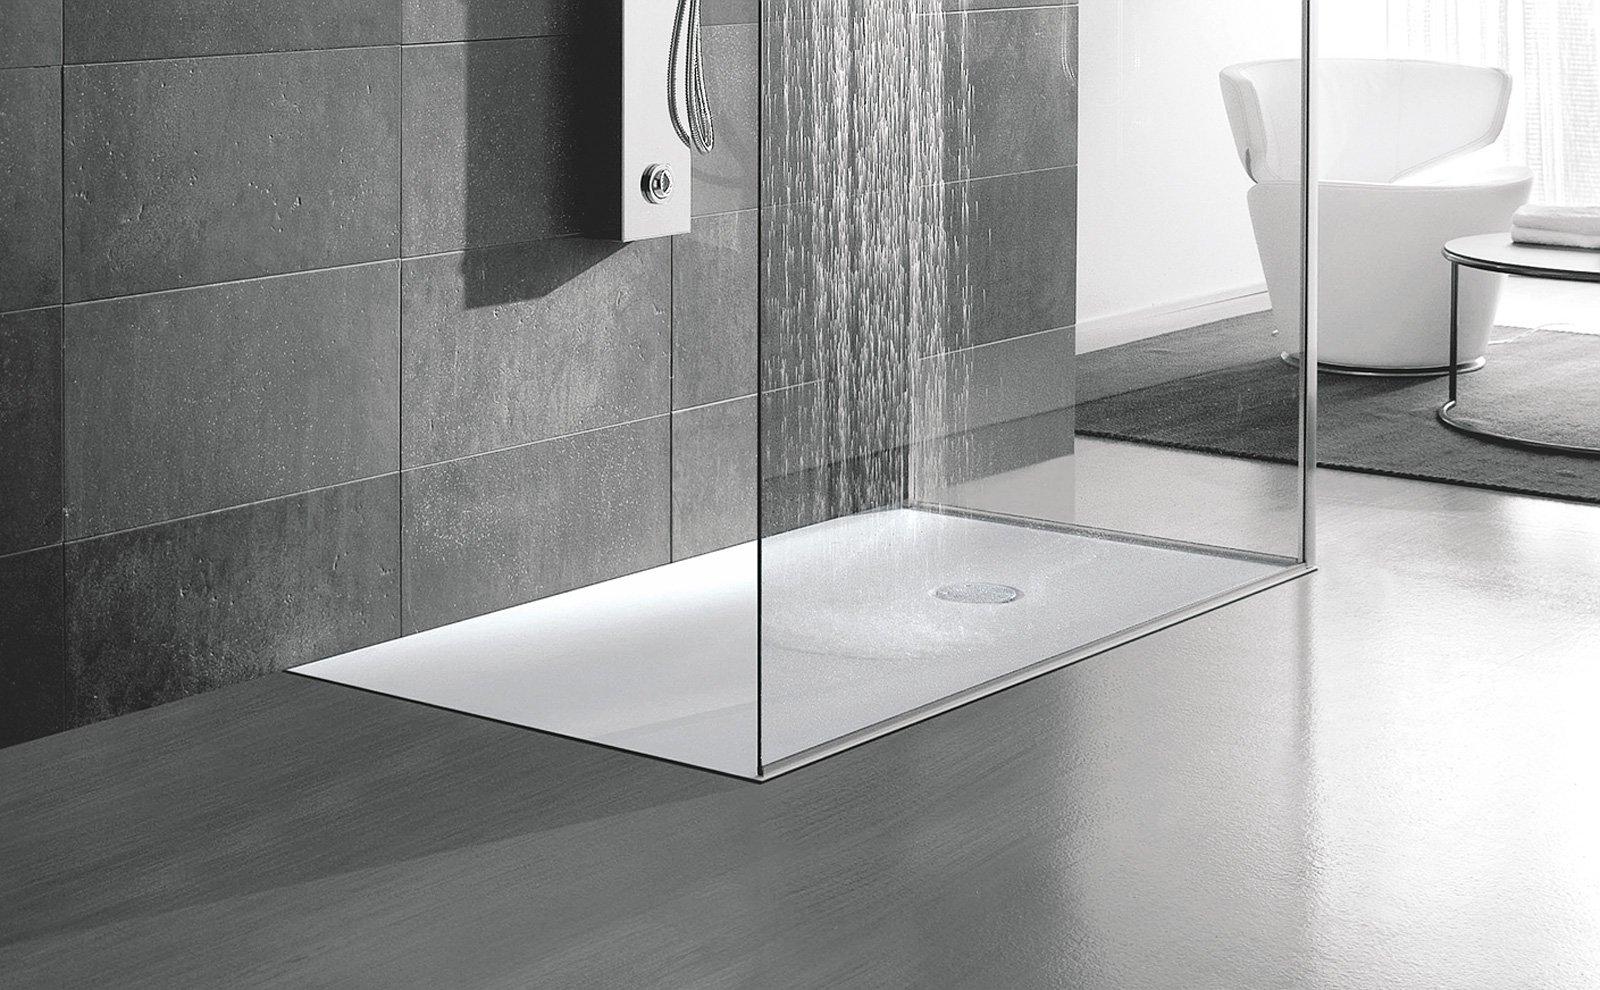 Piatti doccia a filo per un bagno trendy cose di casa - Piatto doccia incassato nel pavimento ...